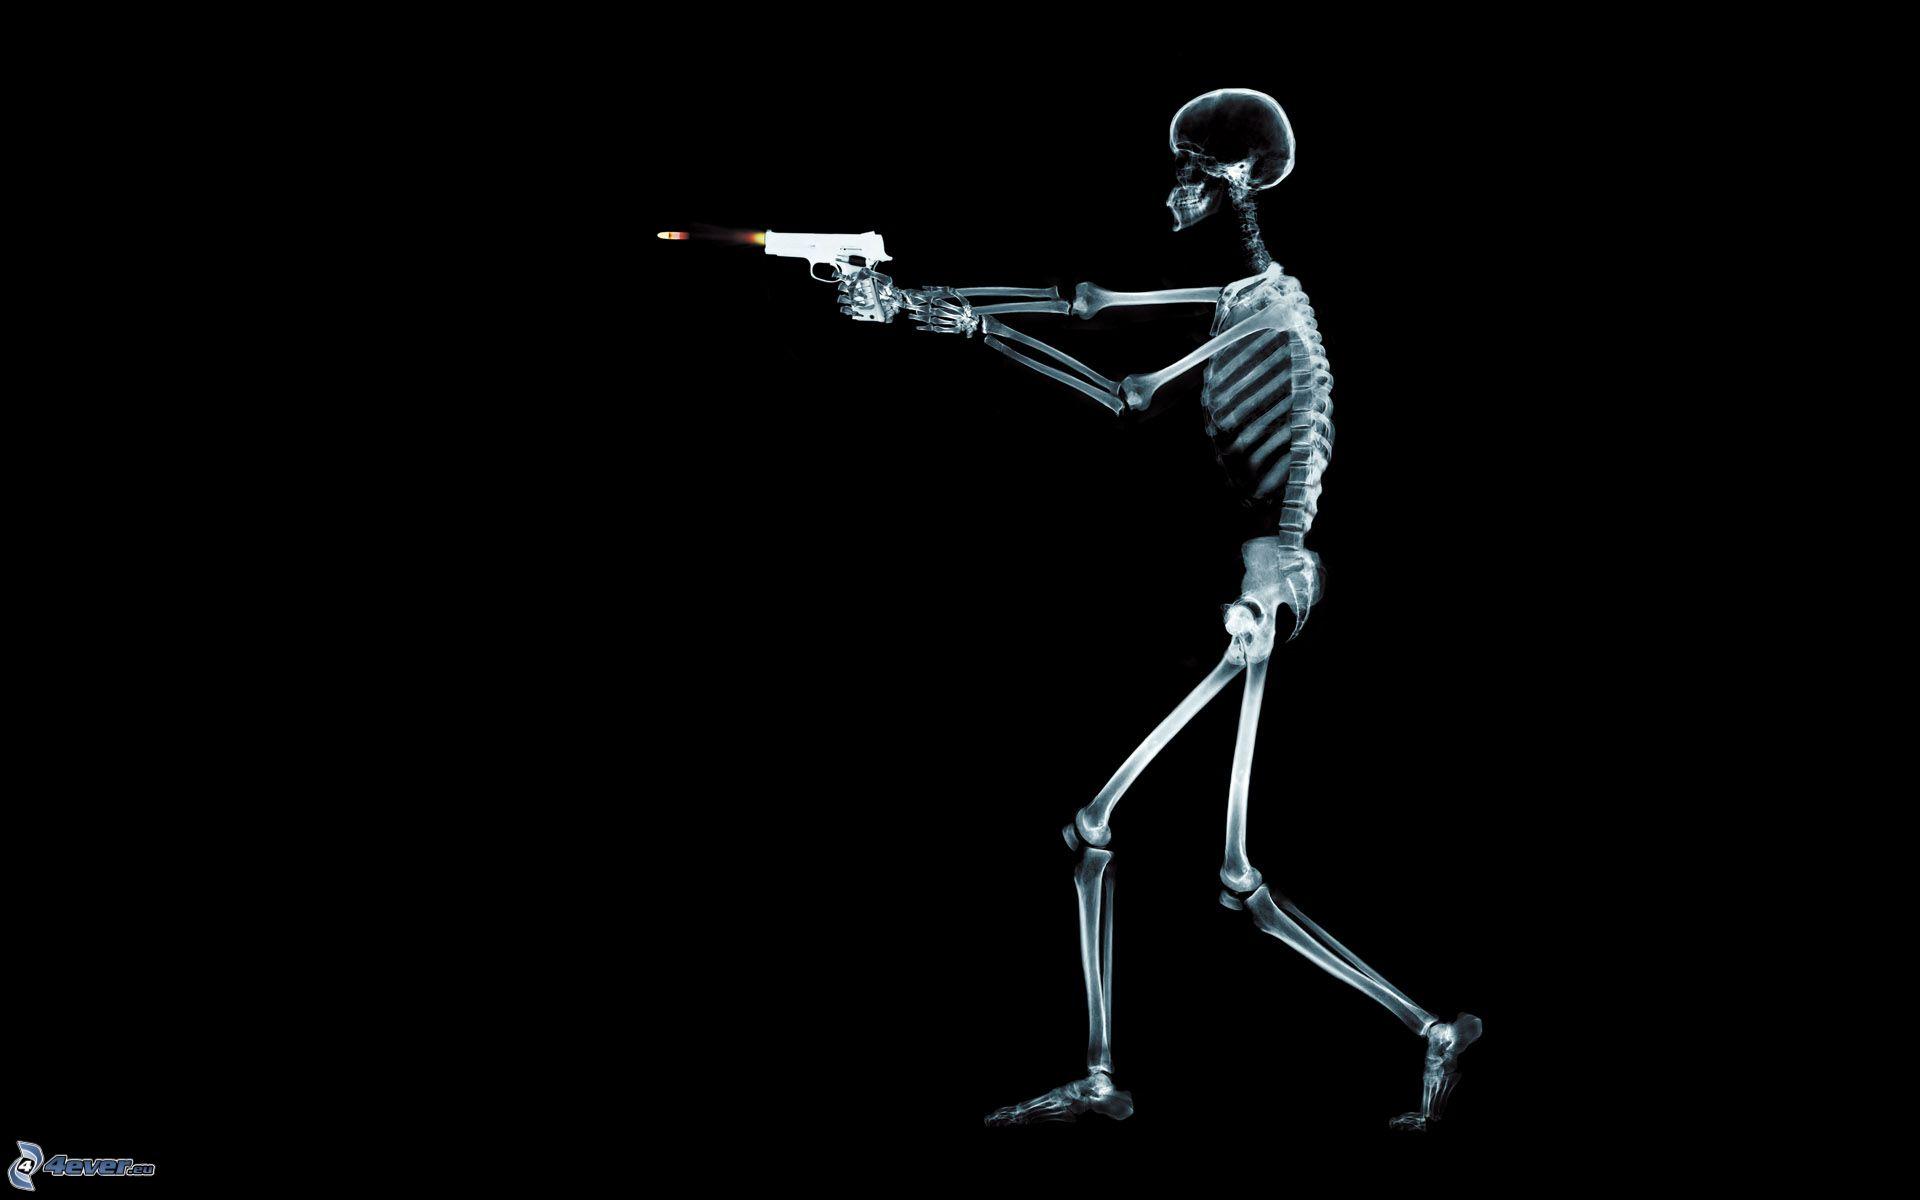 движущиеся картинки на телефон скелеты основное время